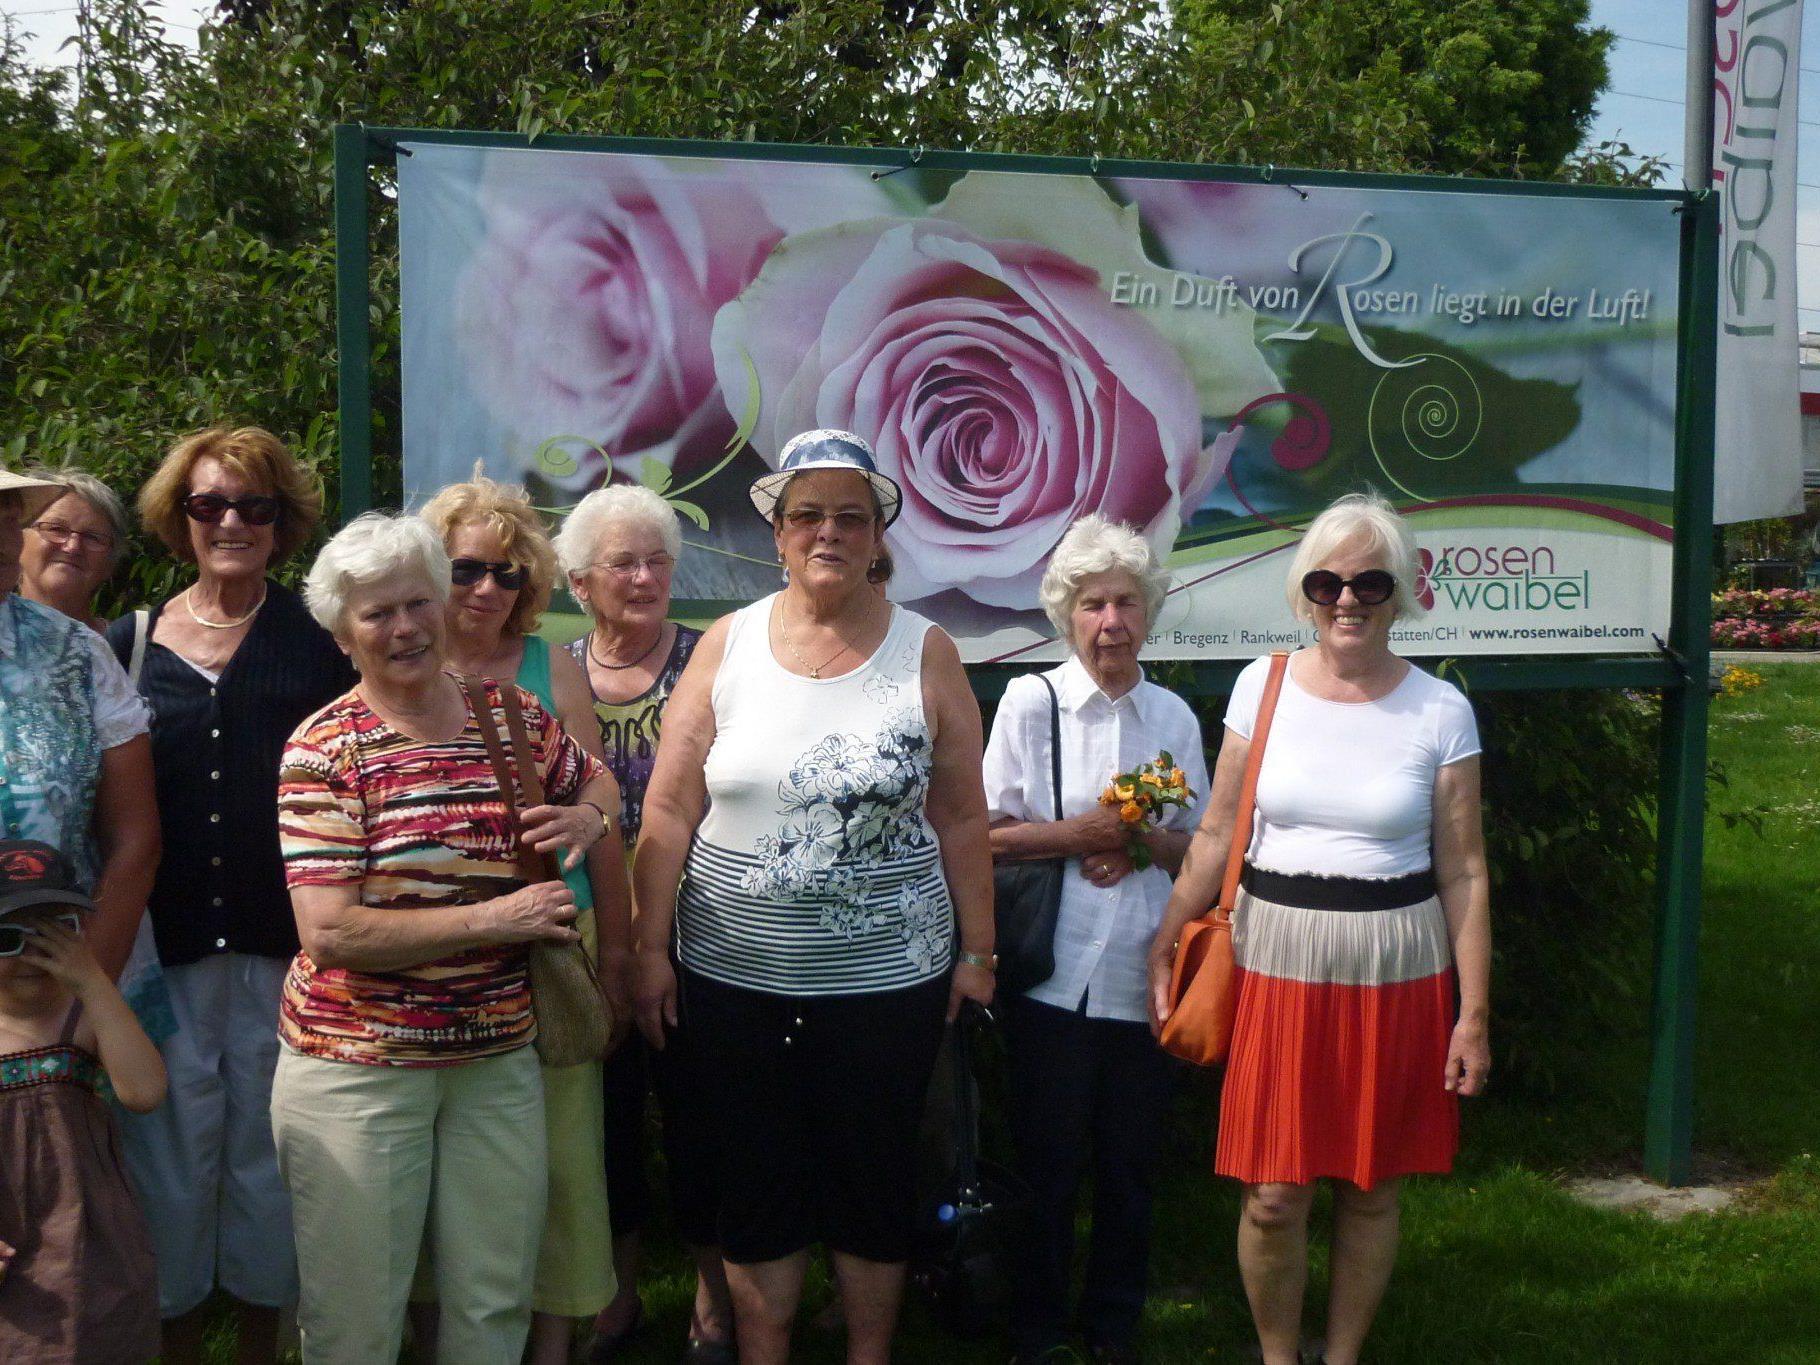 Sulner Senioren bei Rosen Waibel